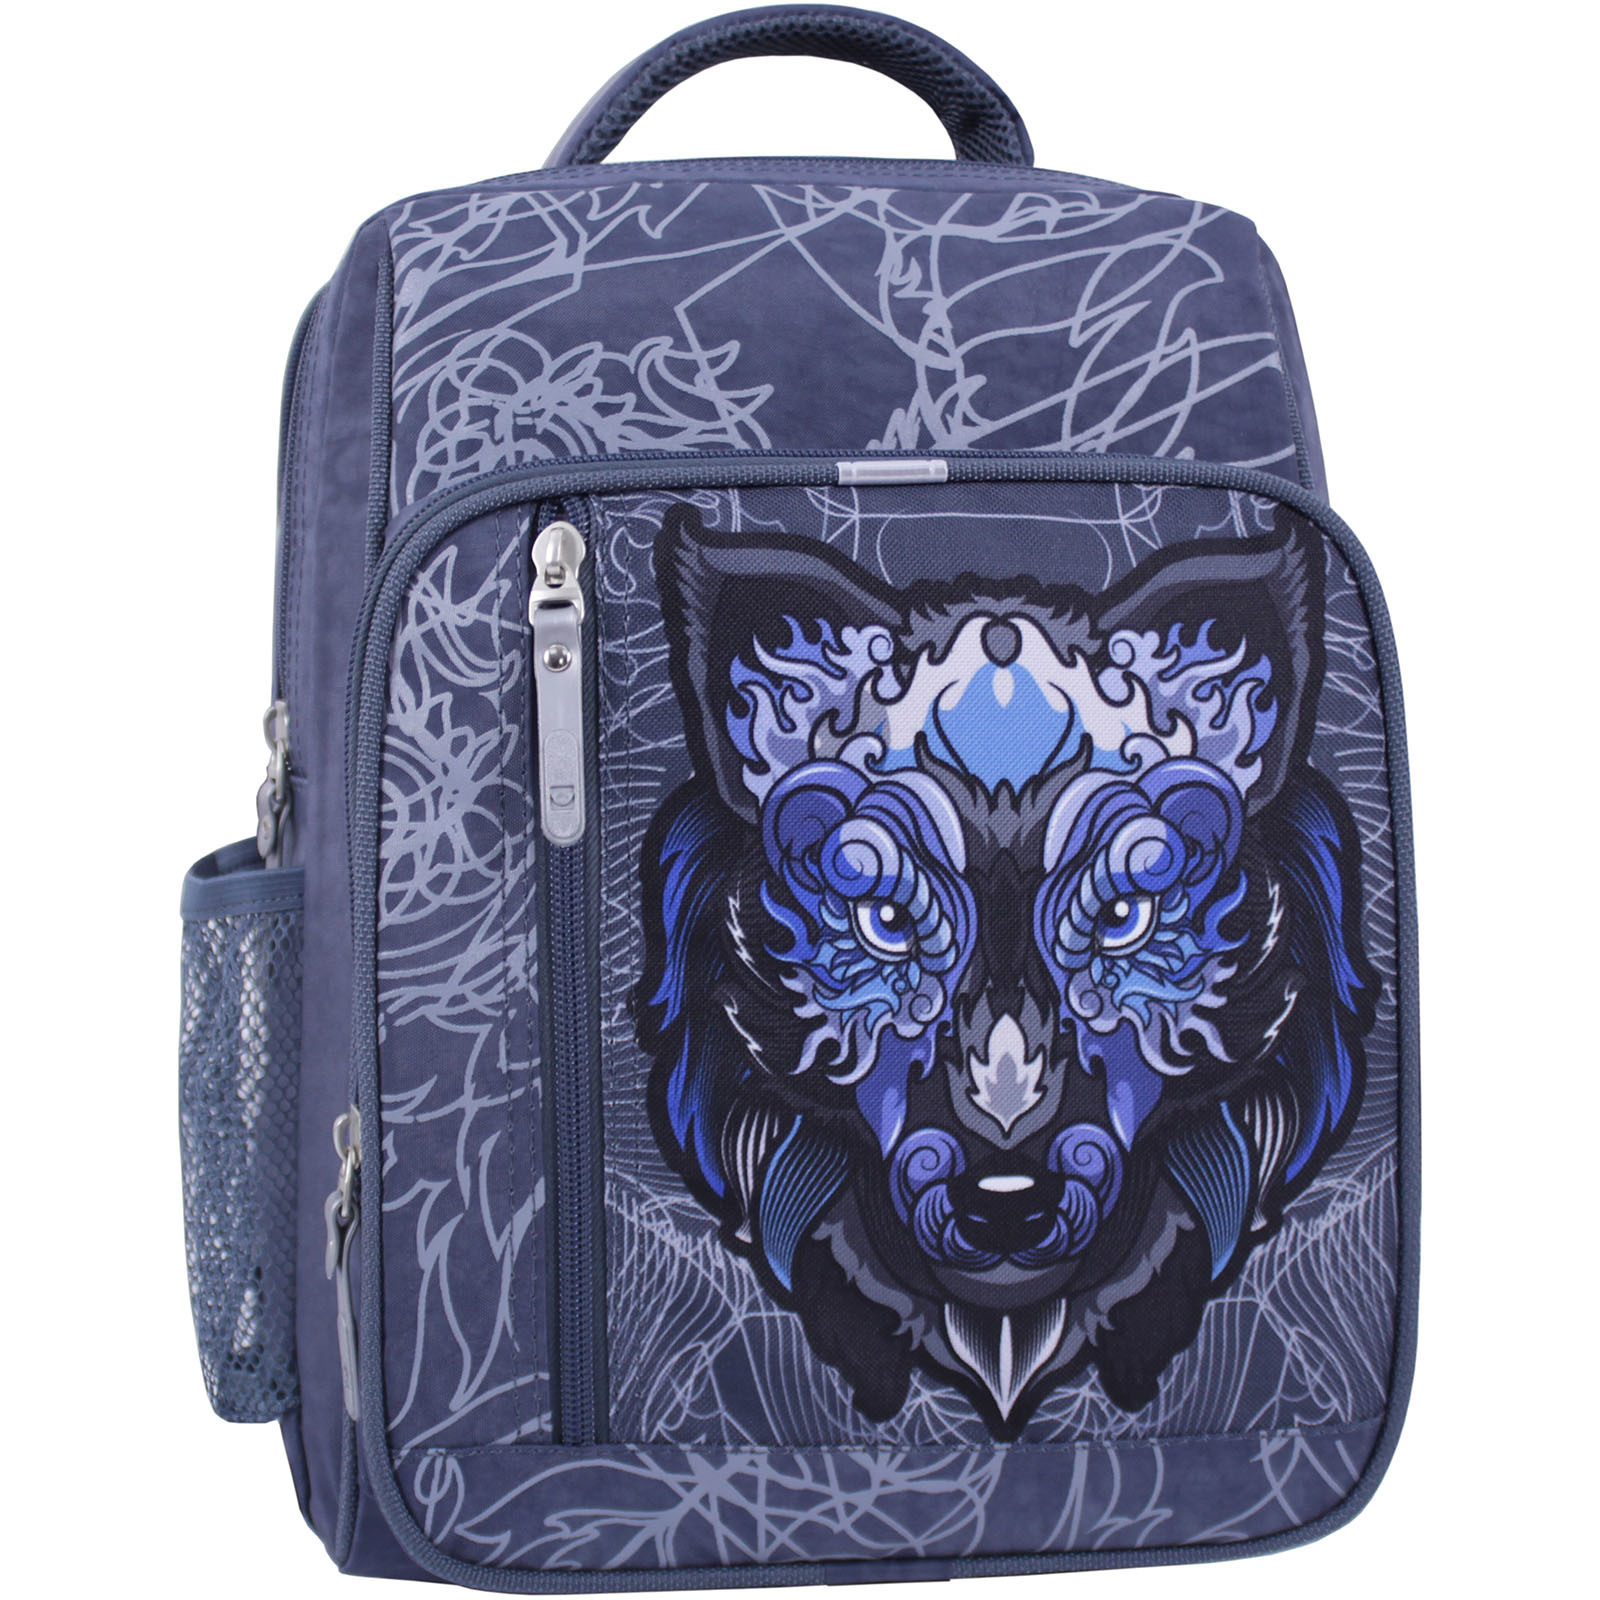 Детские рюкзаки Рюкзак школьный Bagland Школьник 8 л. 321 серый 506 (0012870) IMG_0967_суб.506_.JPG